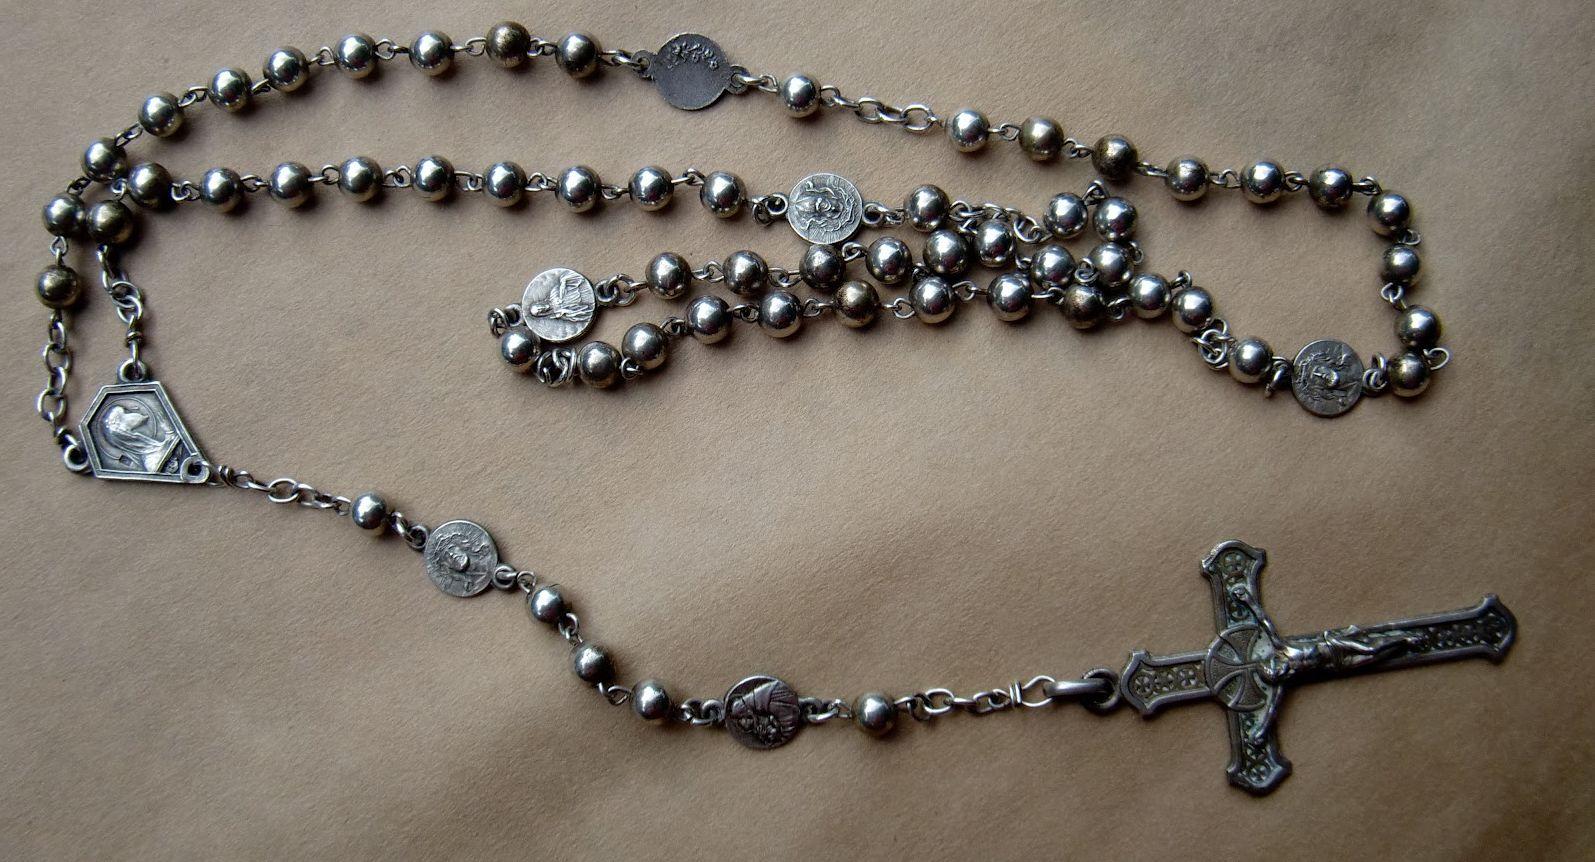 El fascinante mundo del dise o de los rosarios foros de for Como limpiar un rosario de plata